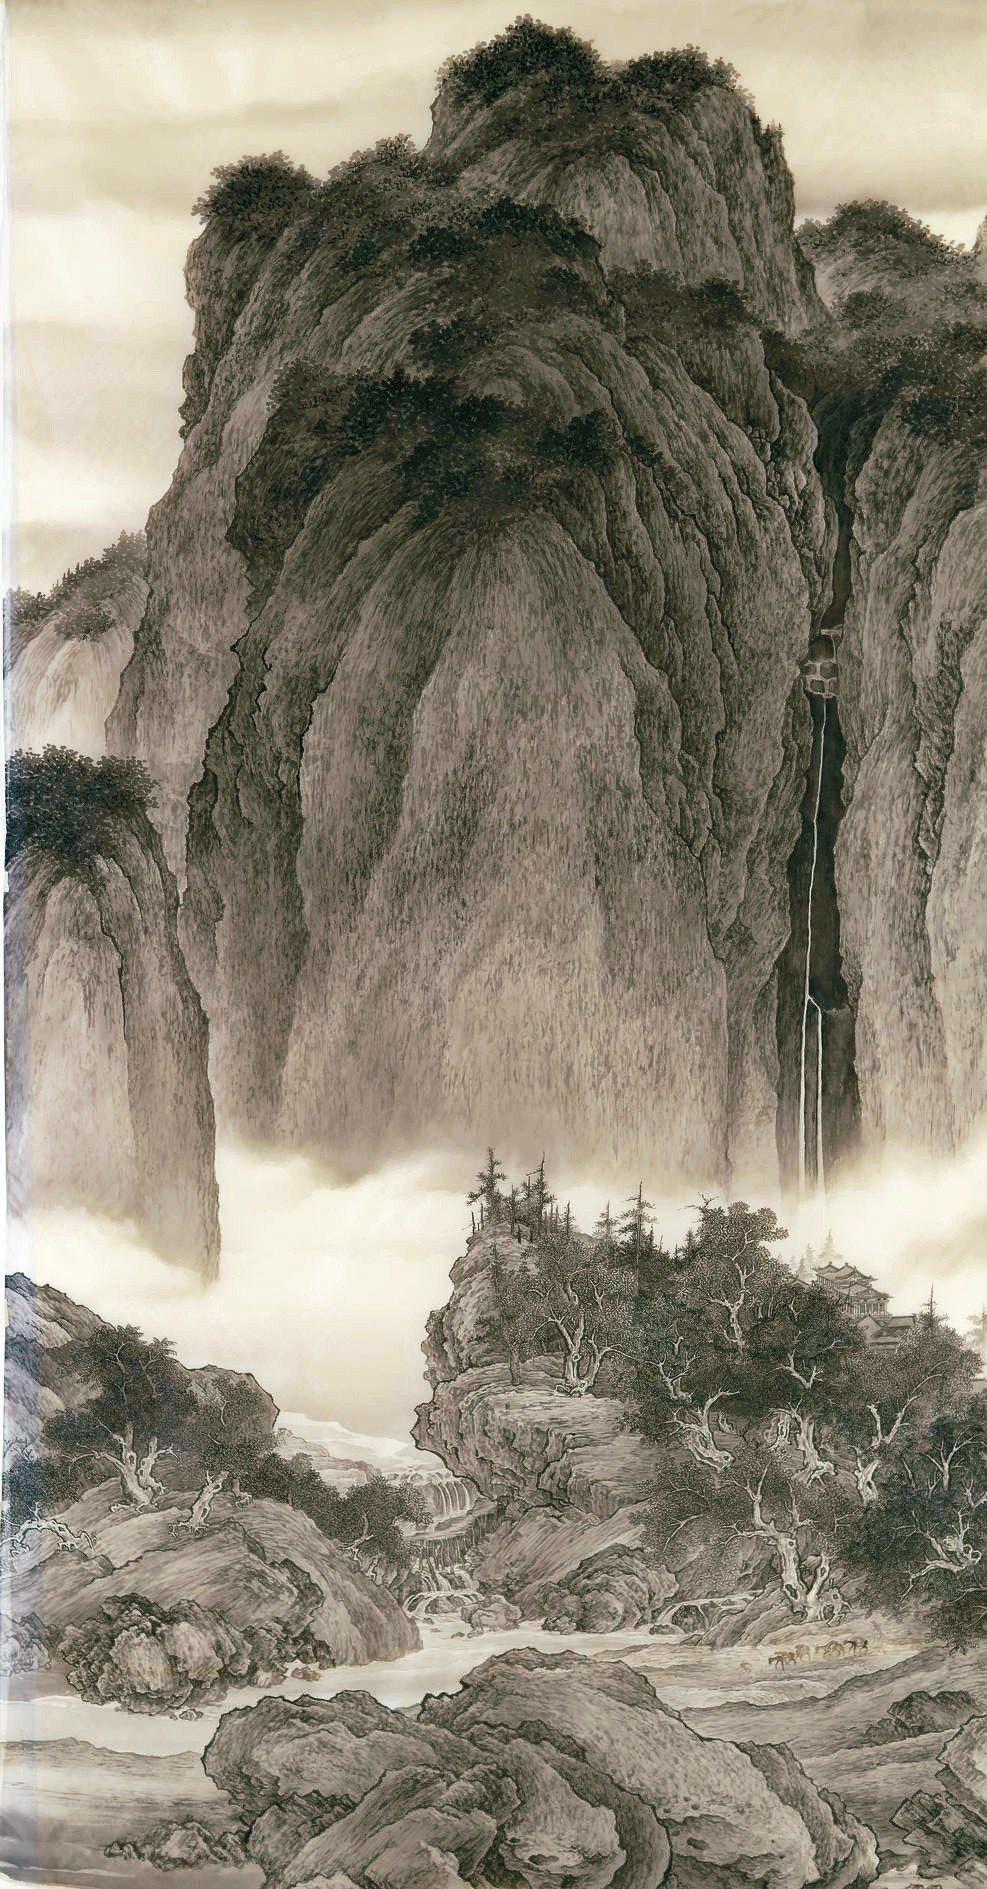 劉墉臨范寬〈谿山行旅圖〉,絹本,207×104CM,2018。